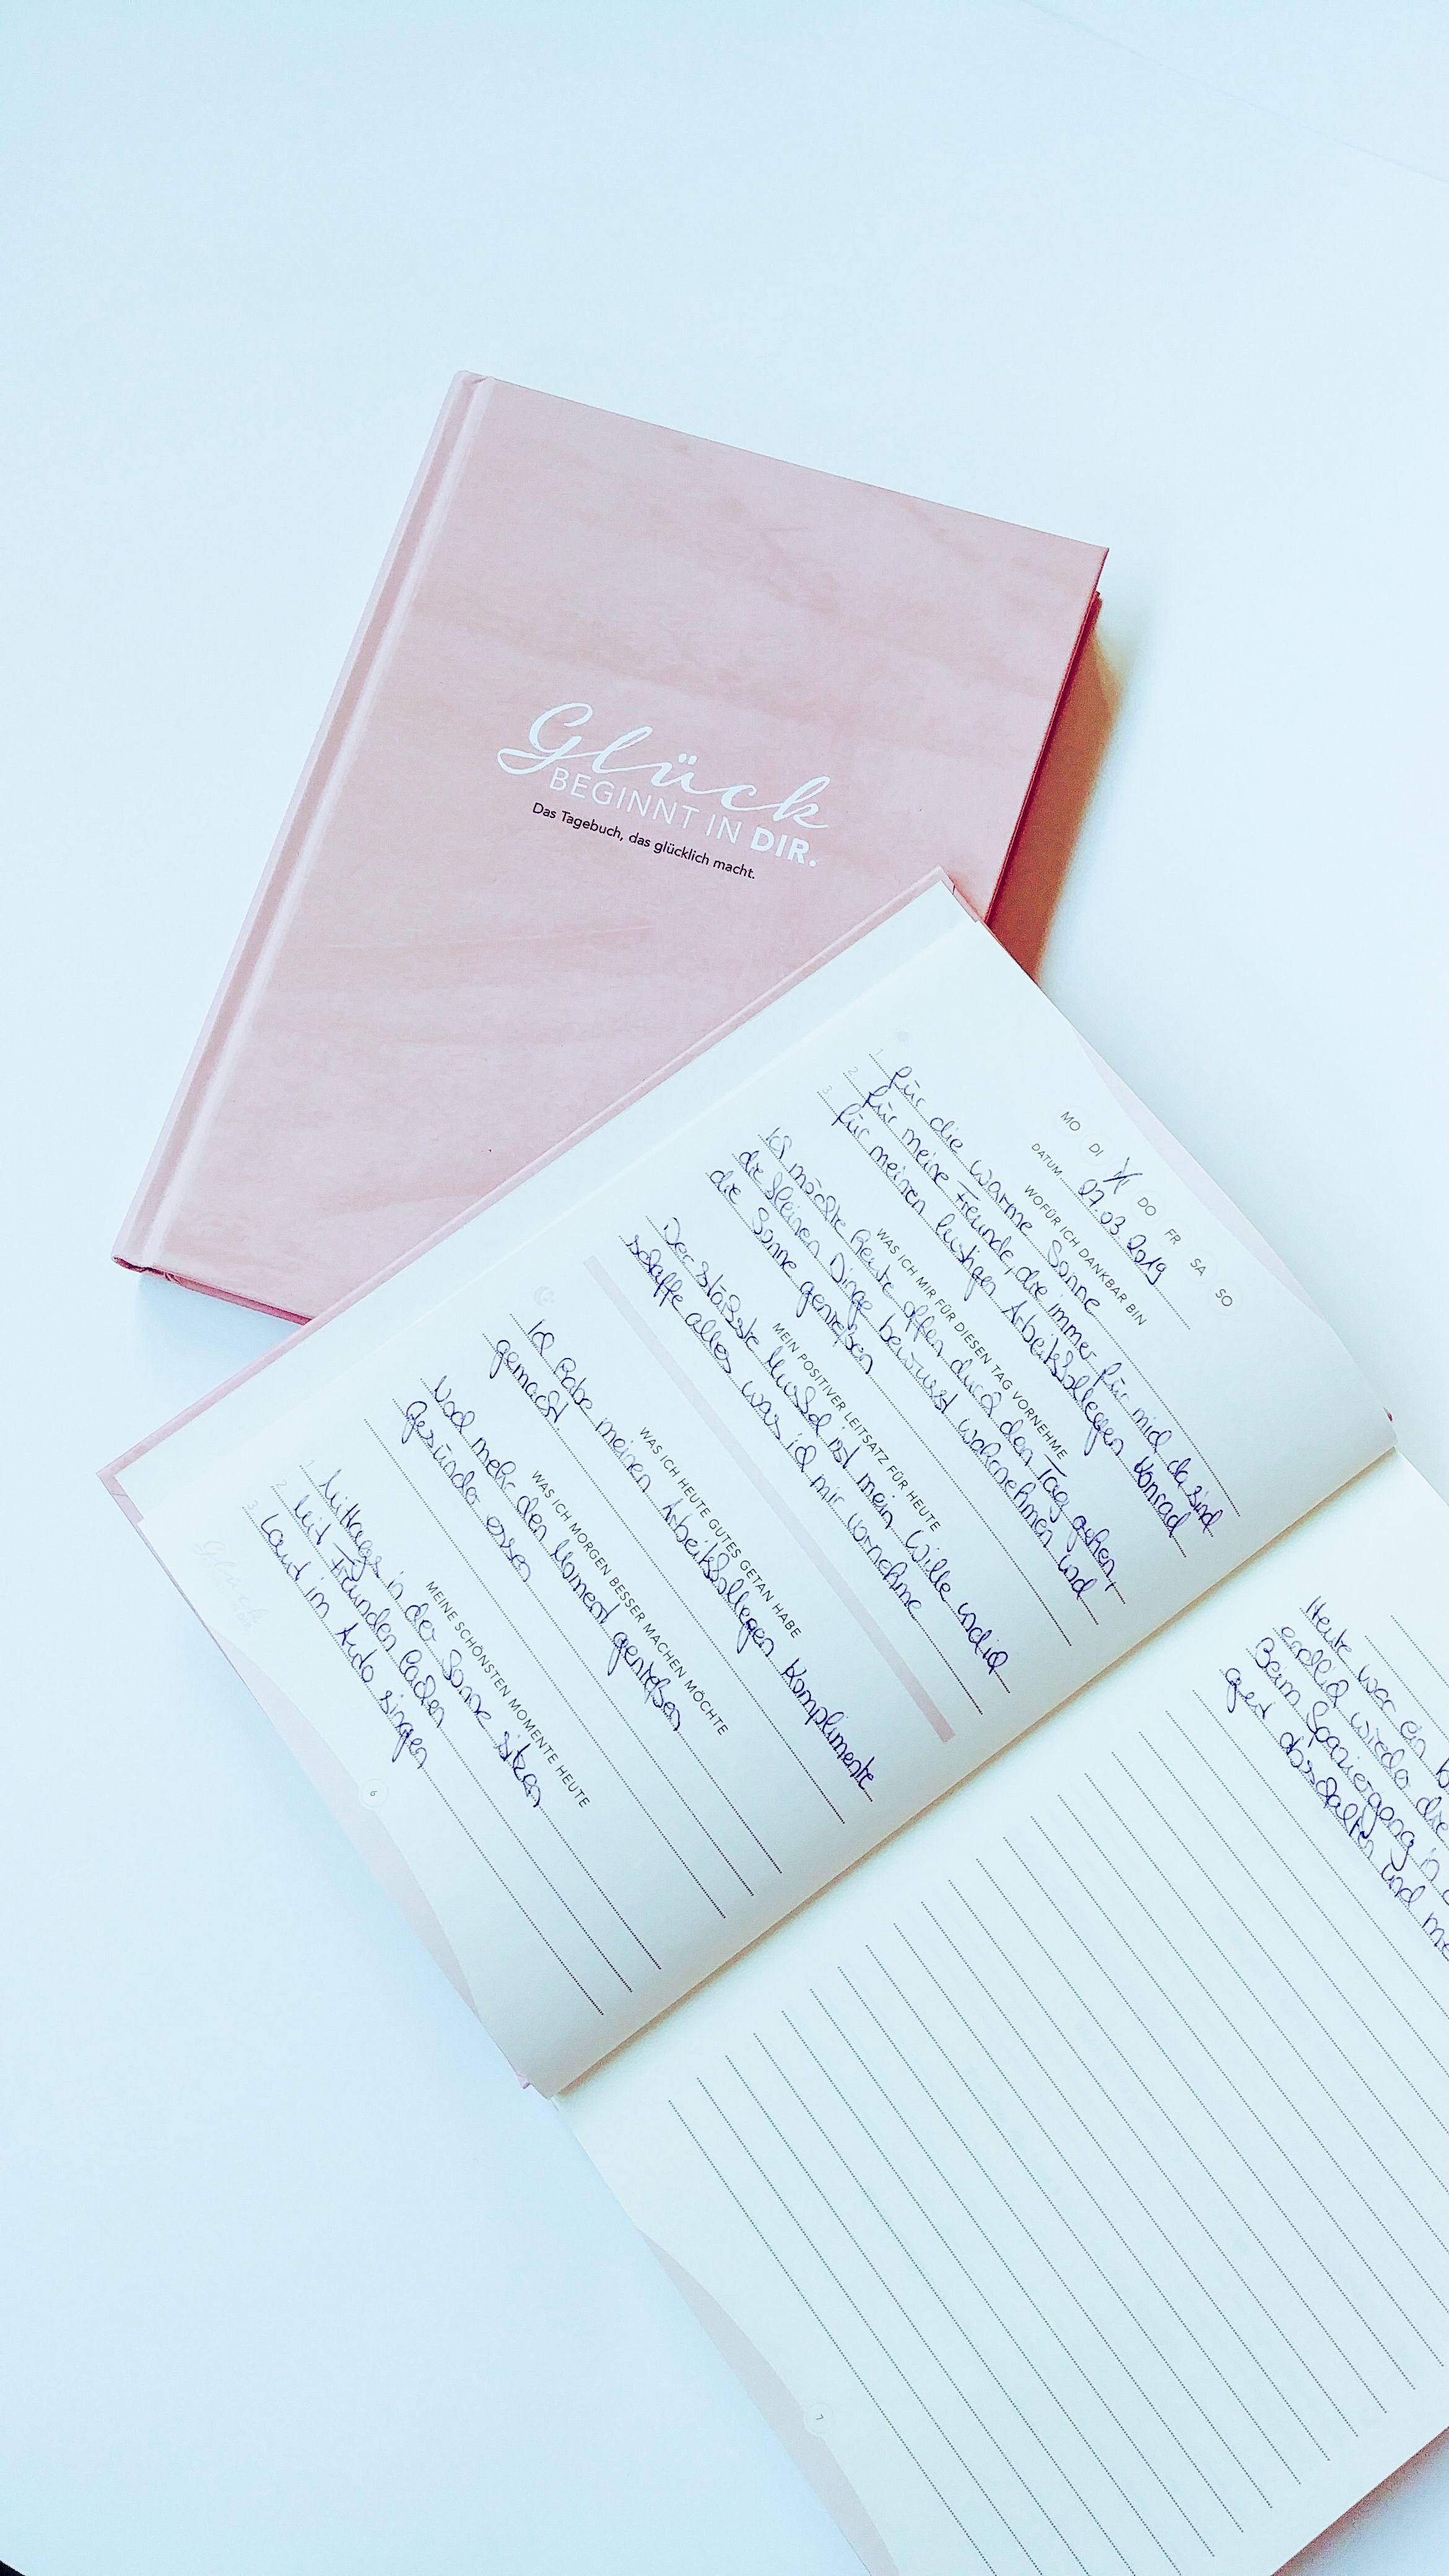 Das 6 Minuten Tagebuch Begleitet Dich 12 Wochen Lang Fur Mehr Gluck Positivitat Dankbarkeit Und Erfolg Tagebuch Gluck Und Gluckstagebuch